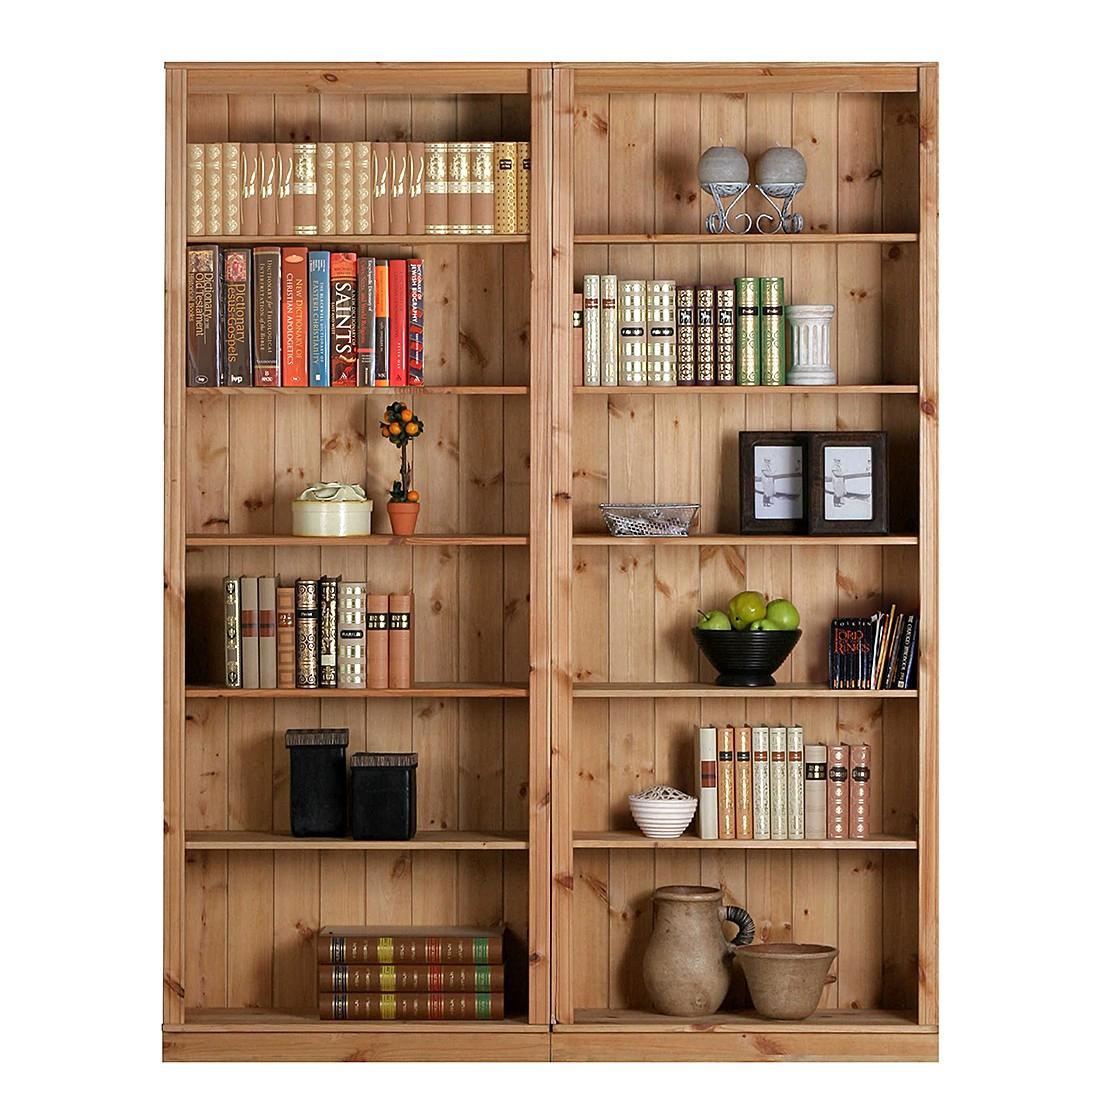 Bibliothèque Louis - Pin massif, teinté et huilé - Couleur bois - Ensemble de 2 éléments, Lars Larso